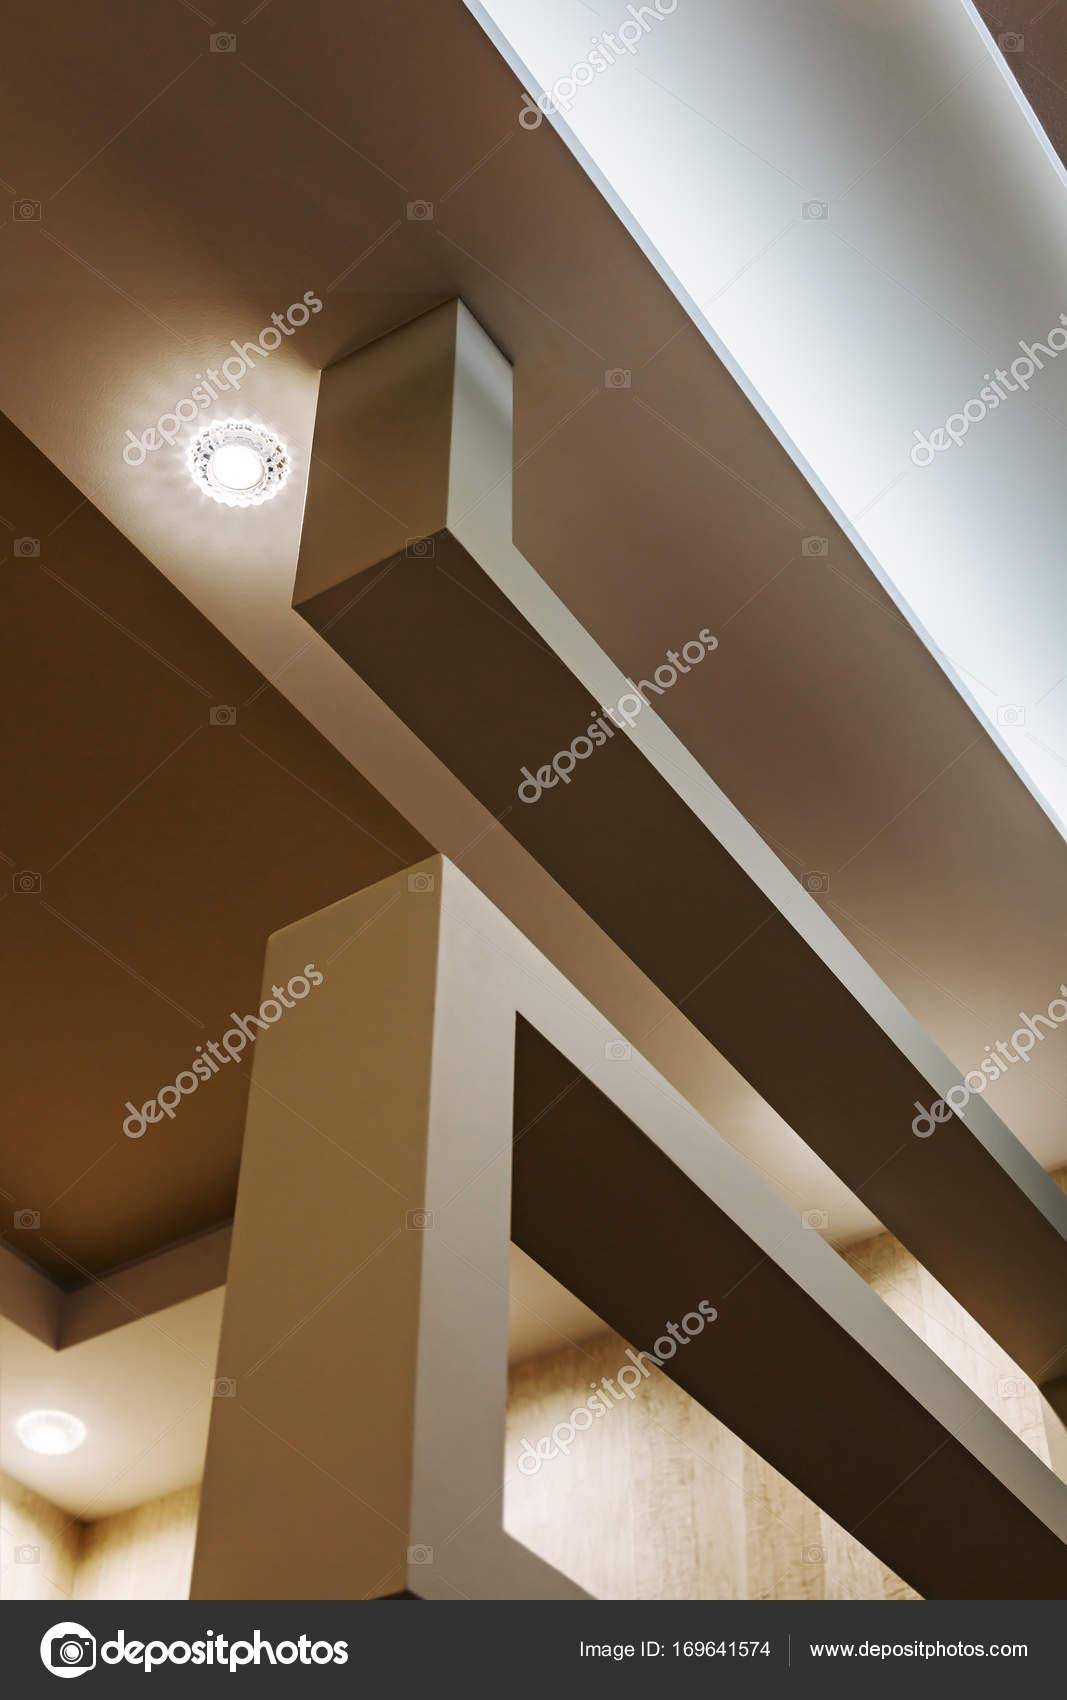 Abgehangte Decke Und Trockenbau Bau In Der Dekoration Stockfoto